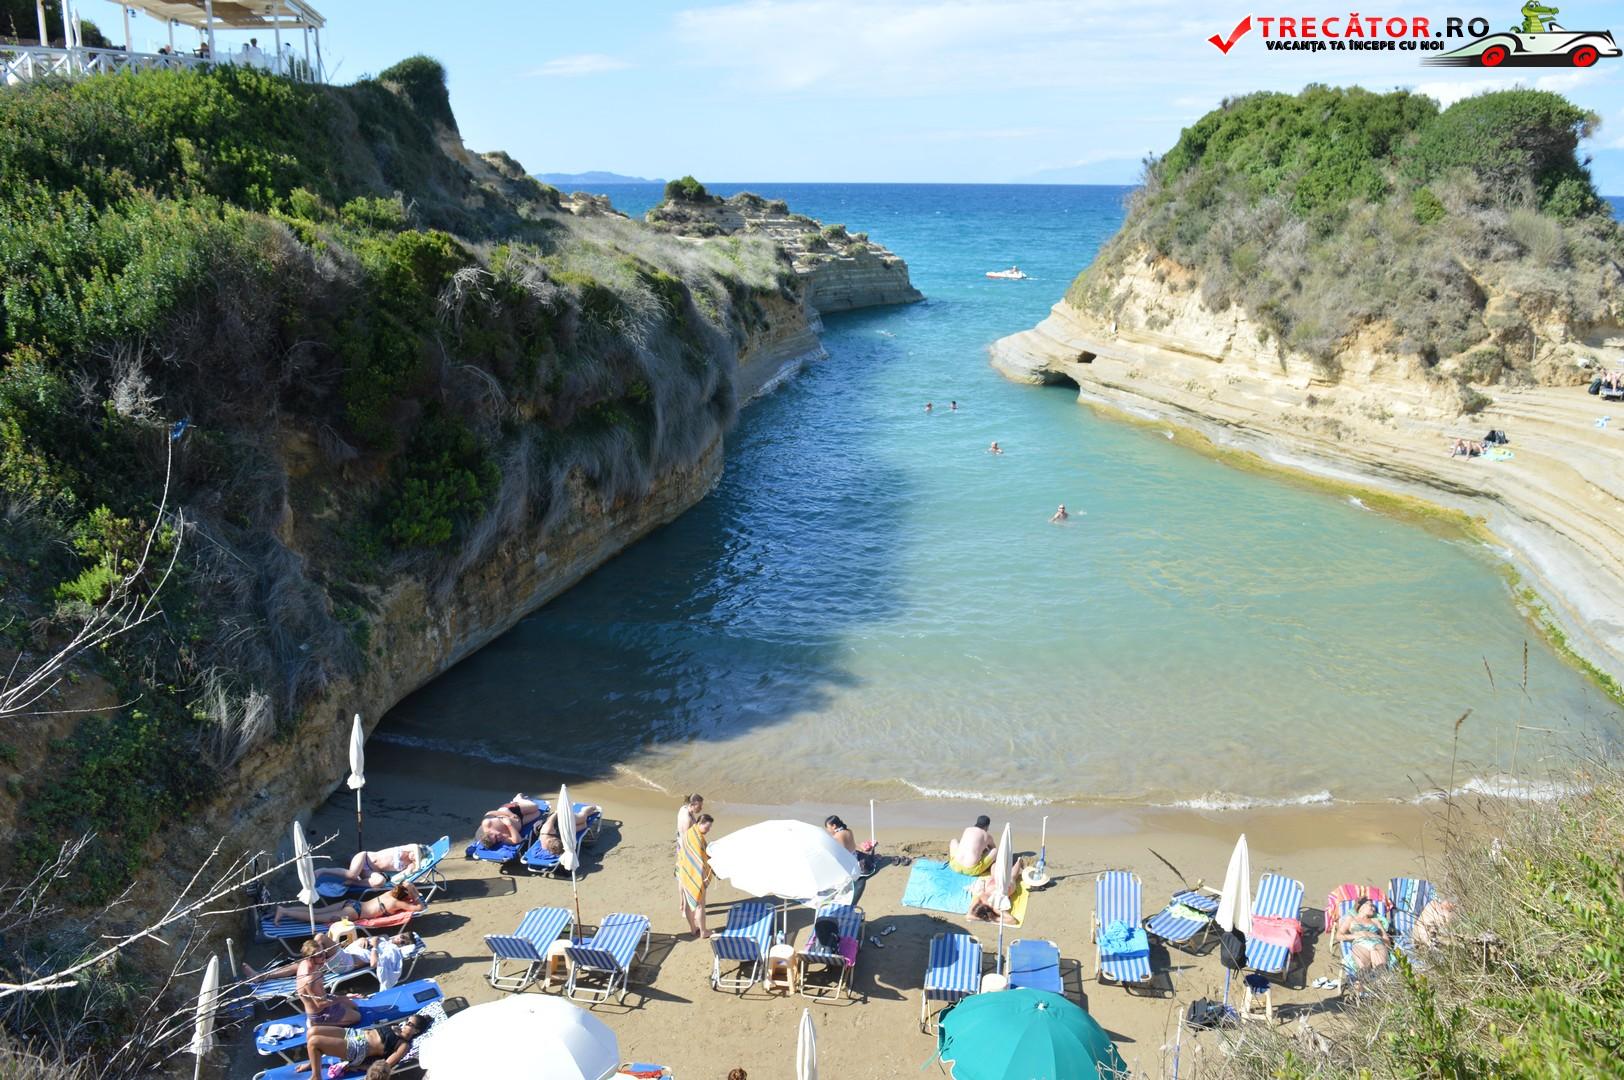 Canal D Amour Sidari Insula Corfu Trecator Prin Lume